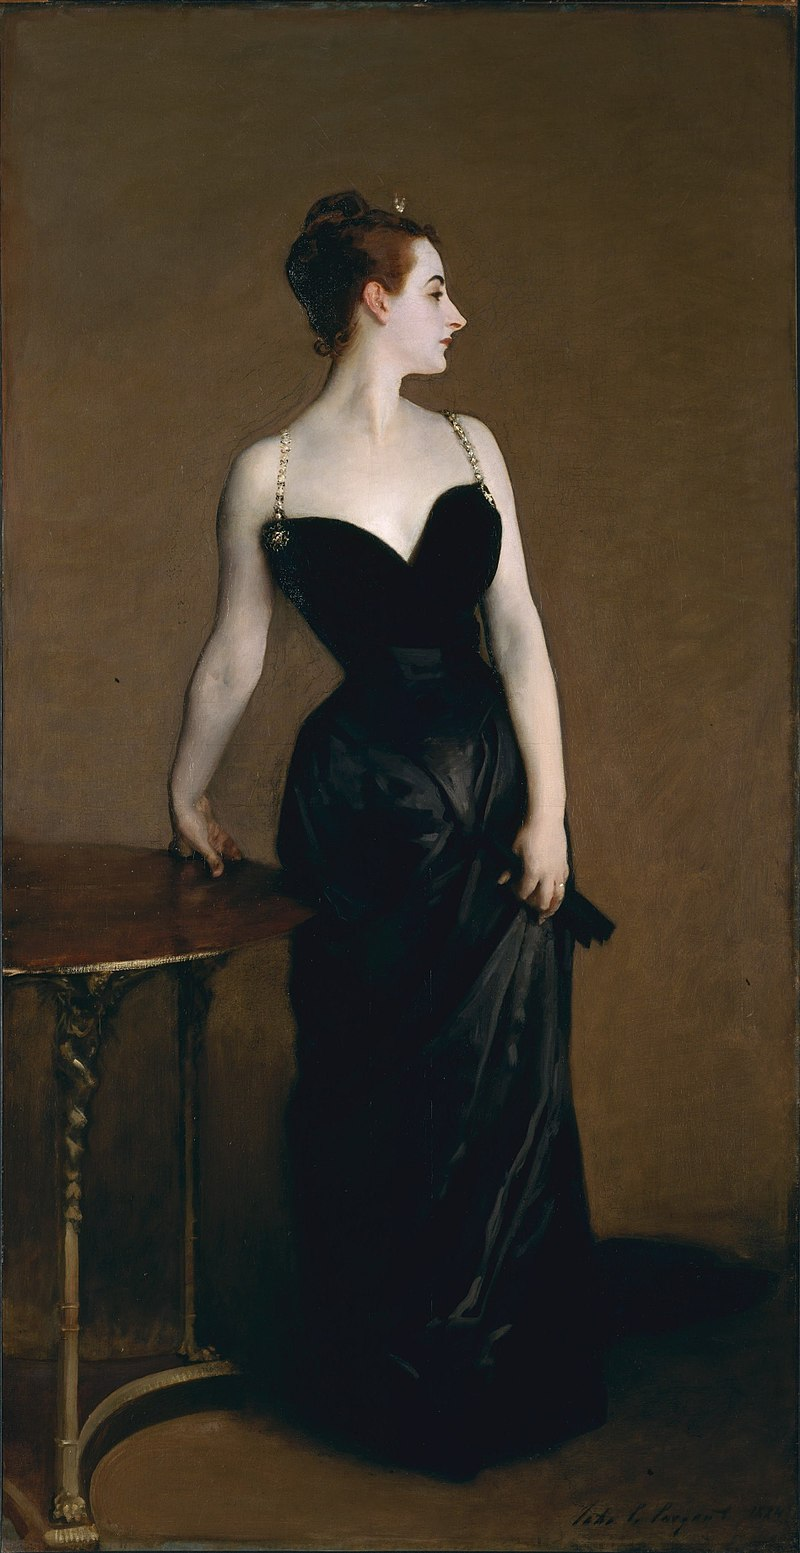 800px-Madame_X_(Madame_Pierre_Gautreau),_John_Singer_Sargent,_1884_(unfree_frame_crop)